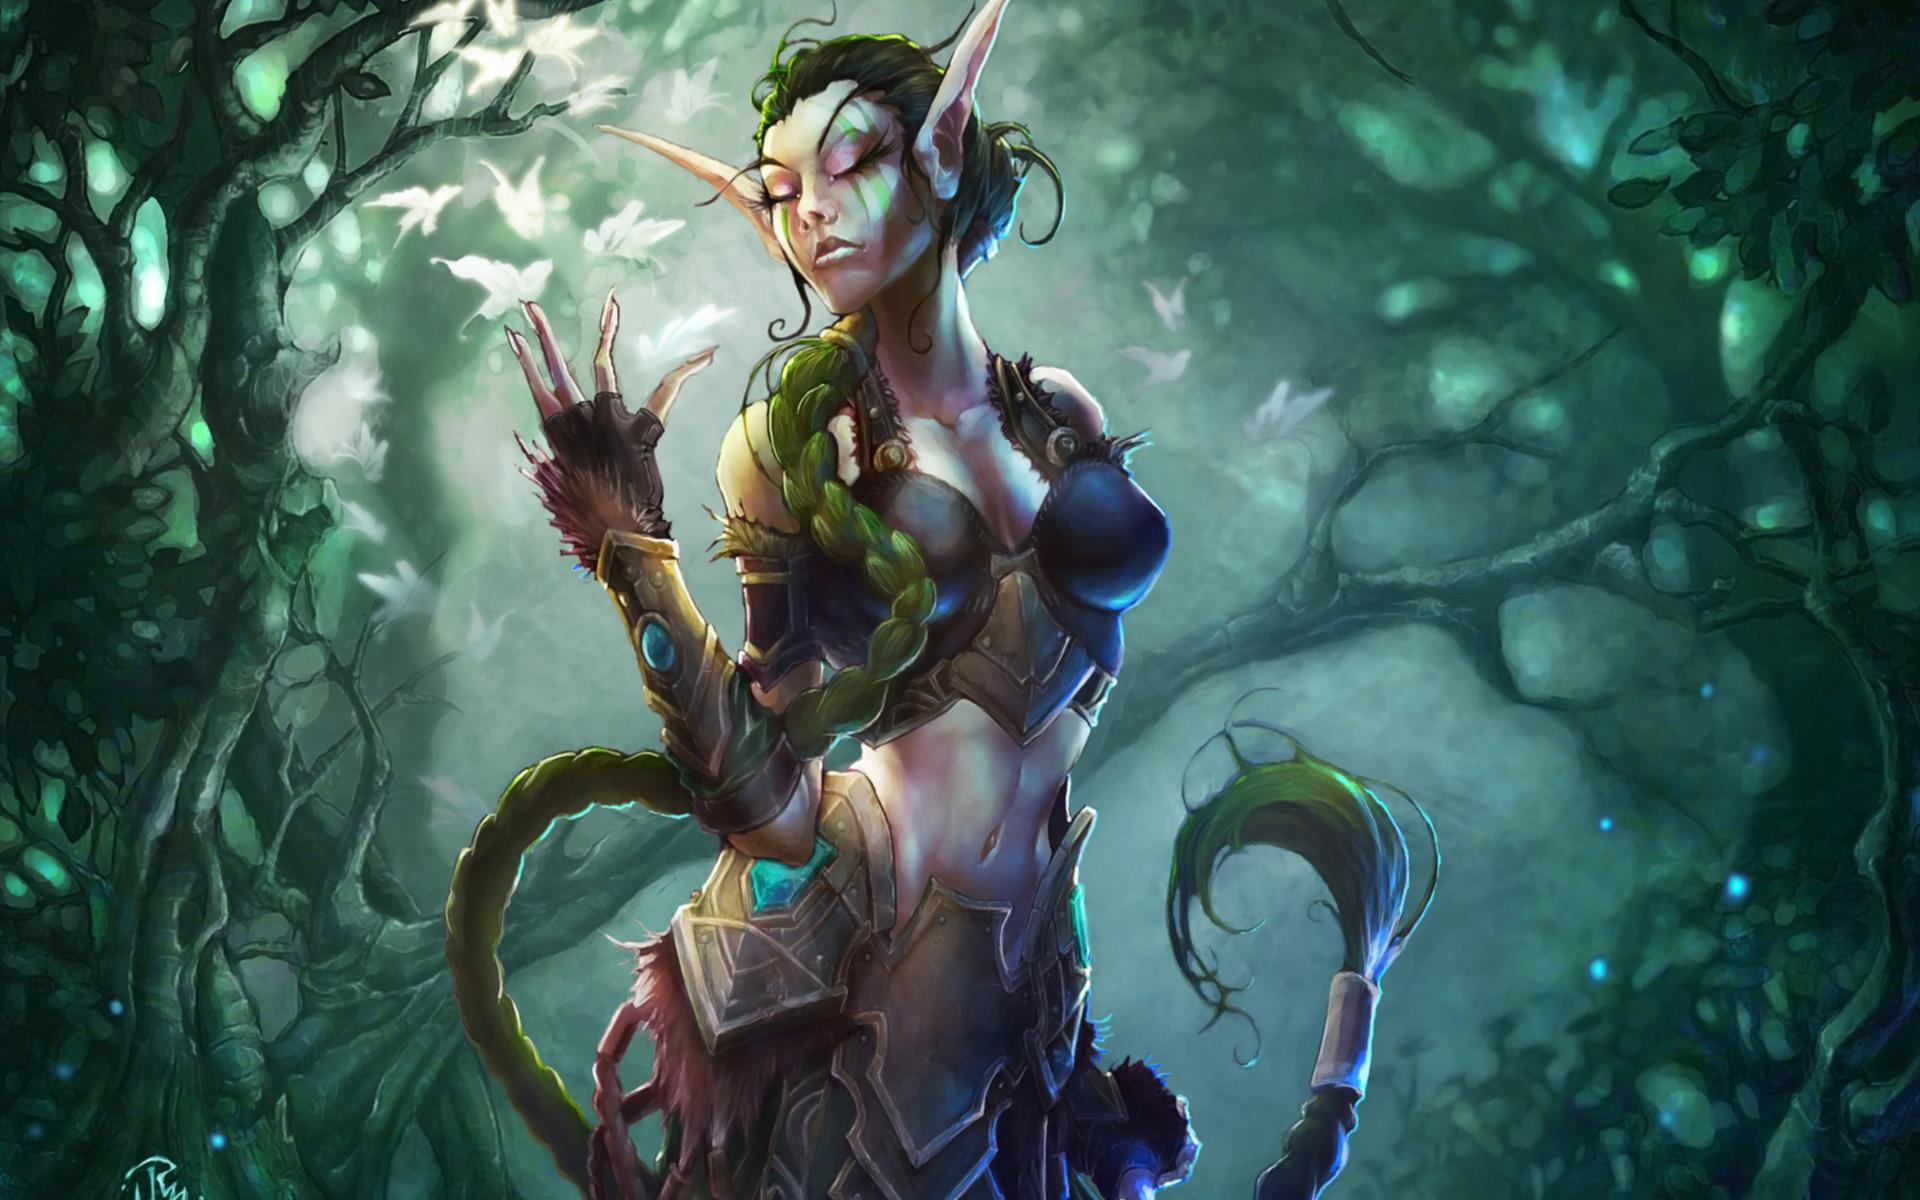 Jungle Wallpaper World Of Warcraft: Elven Forest Wallpaper